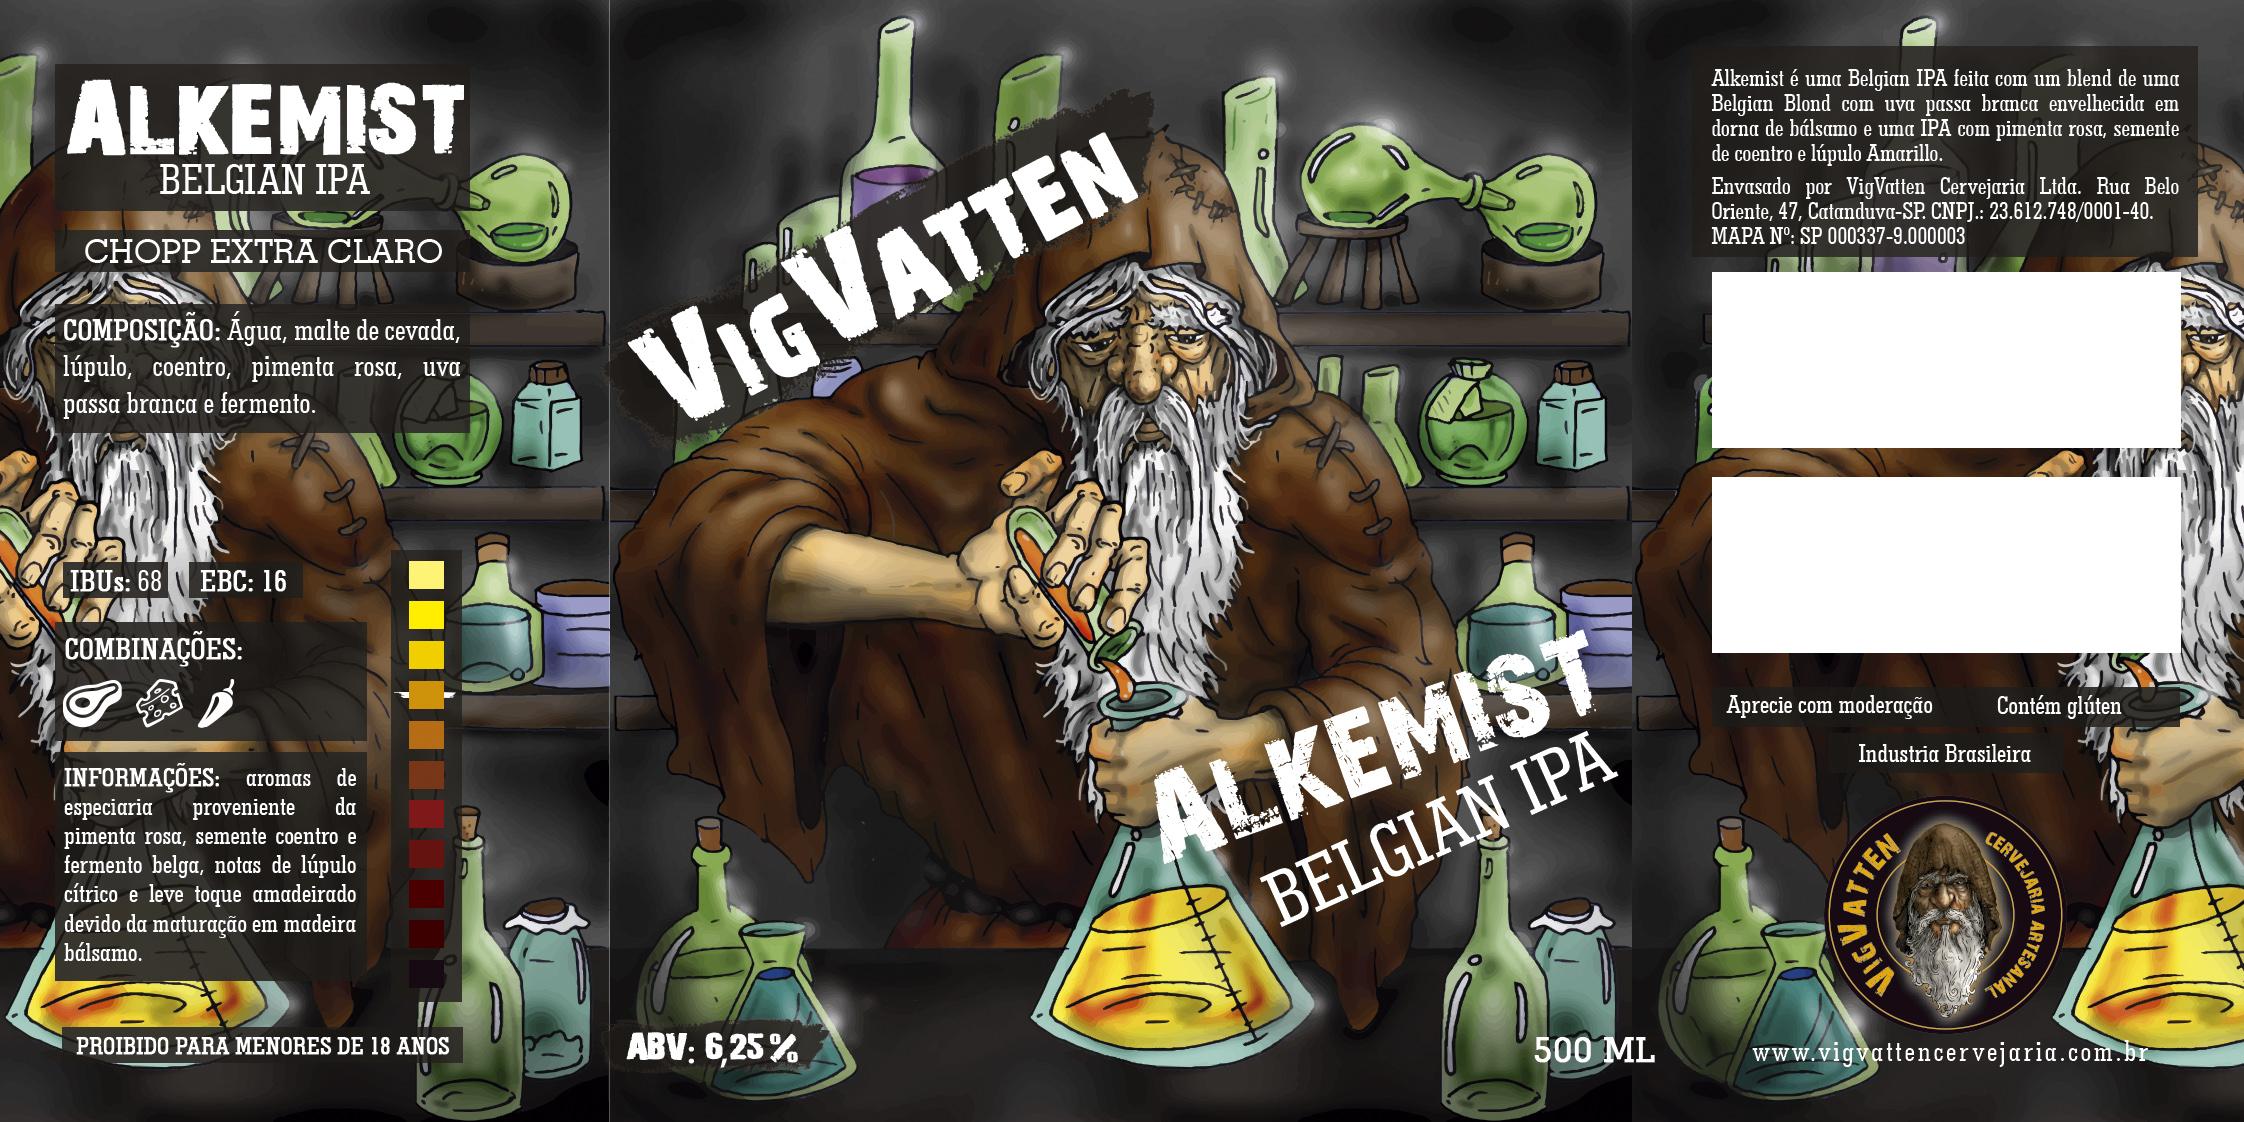 VigVatten-Alkemist